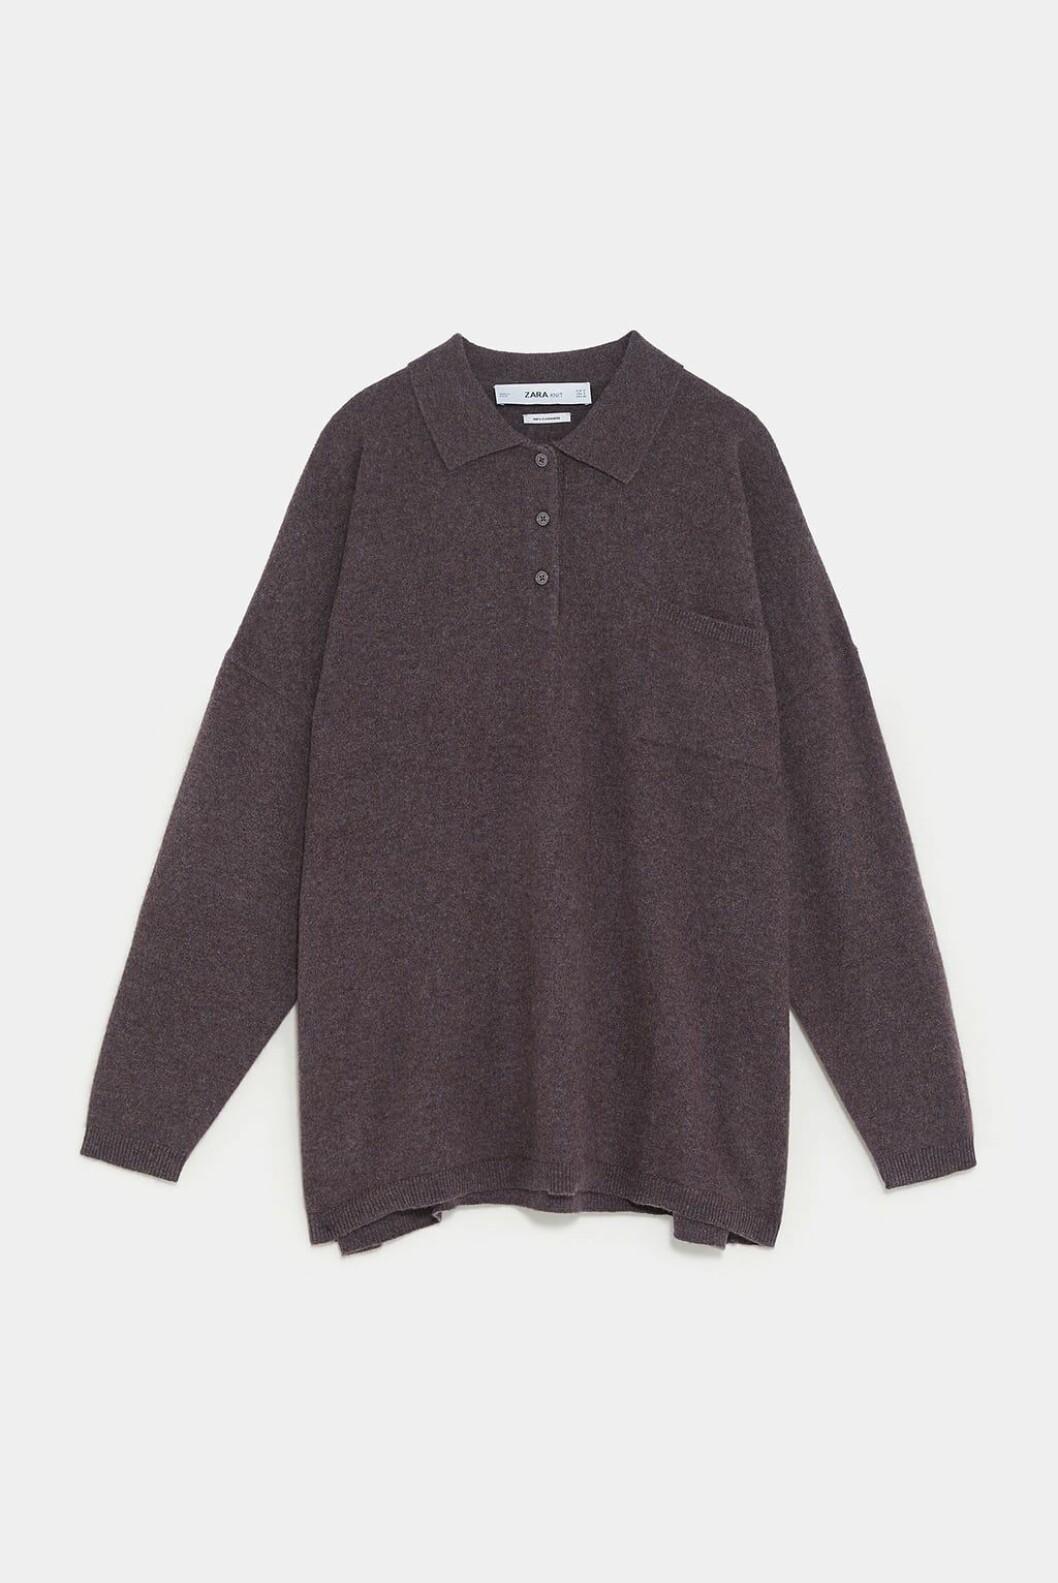 Polo i kasjmir fra Zara |1695,-| https://www.zara.com/no/no/polo-i-kasjmir-limited-edition-p00166100.html?v1=8290655&v2=1074660